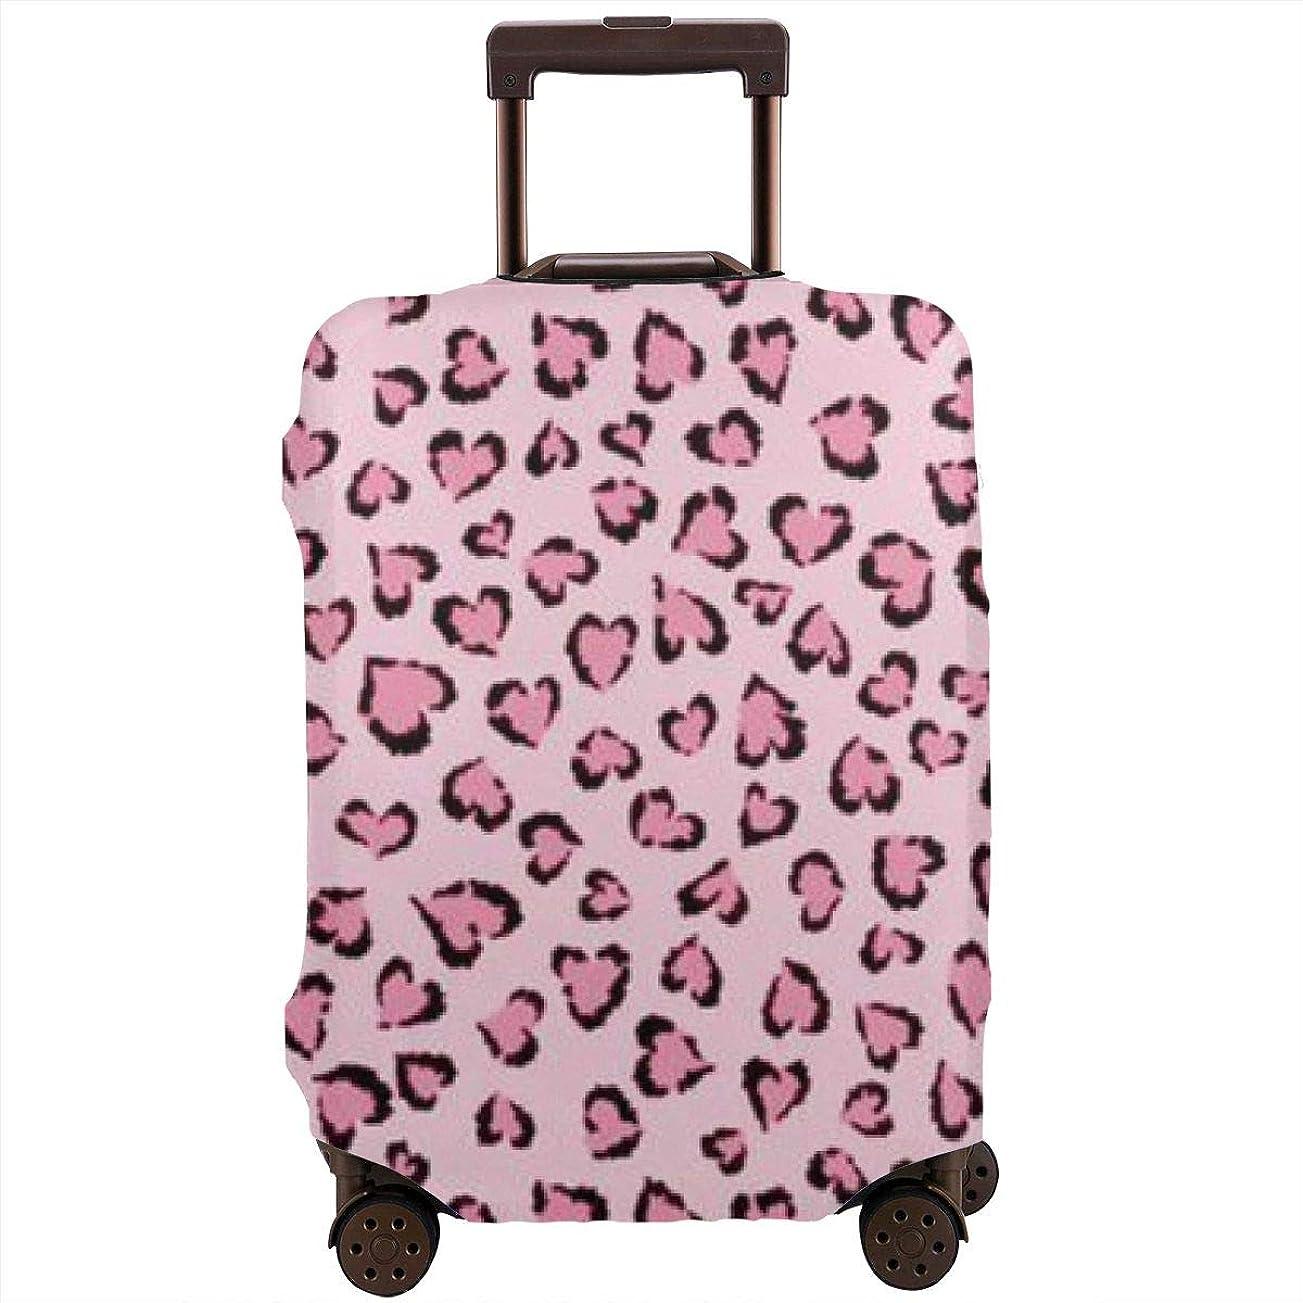 防腐剤アーサー出演者ピンクの豹柄 スーツケースカバー 伸縮弾性素材 スーツケース保護カバー ラゲッジカバー 通気性 傷防止 防塵カバー S-XL